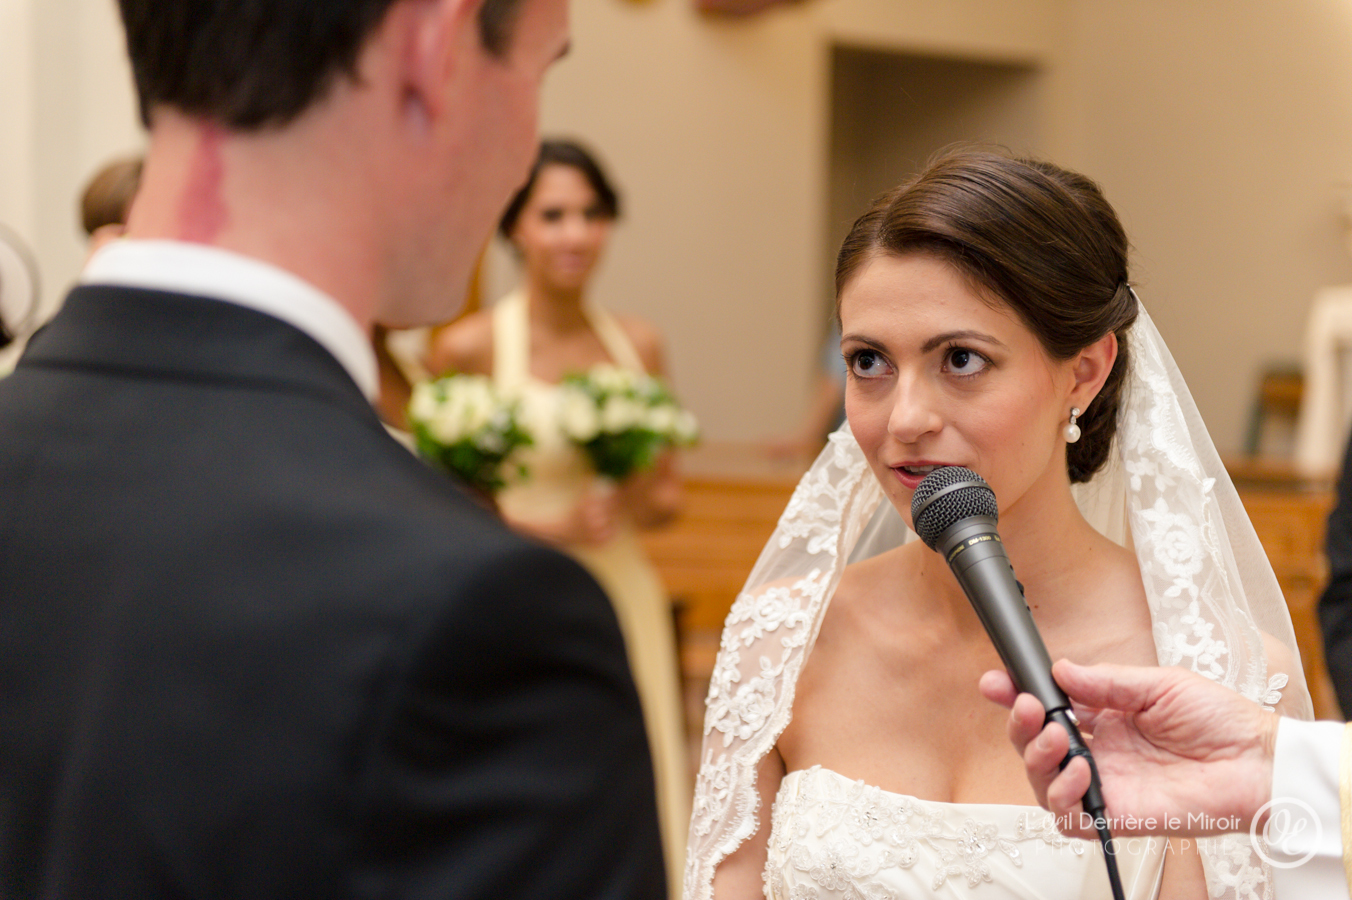 photographe-mariage-villeneuve-loubet-059